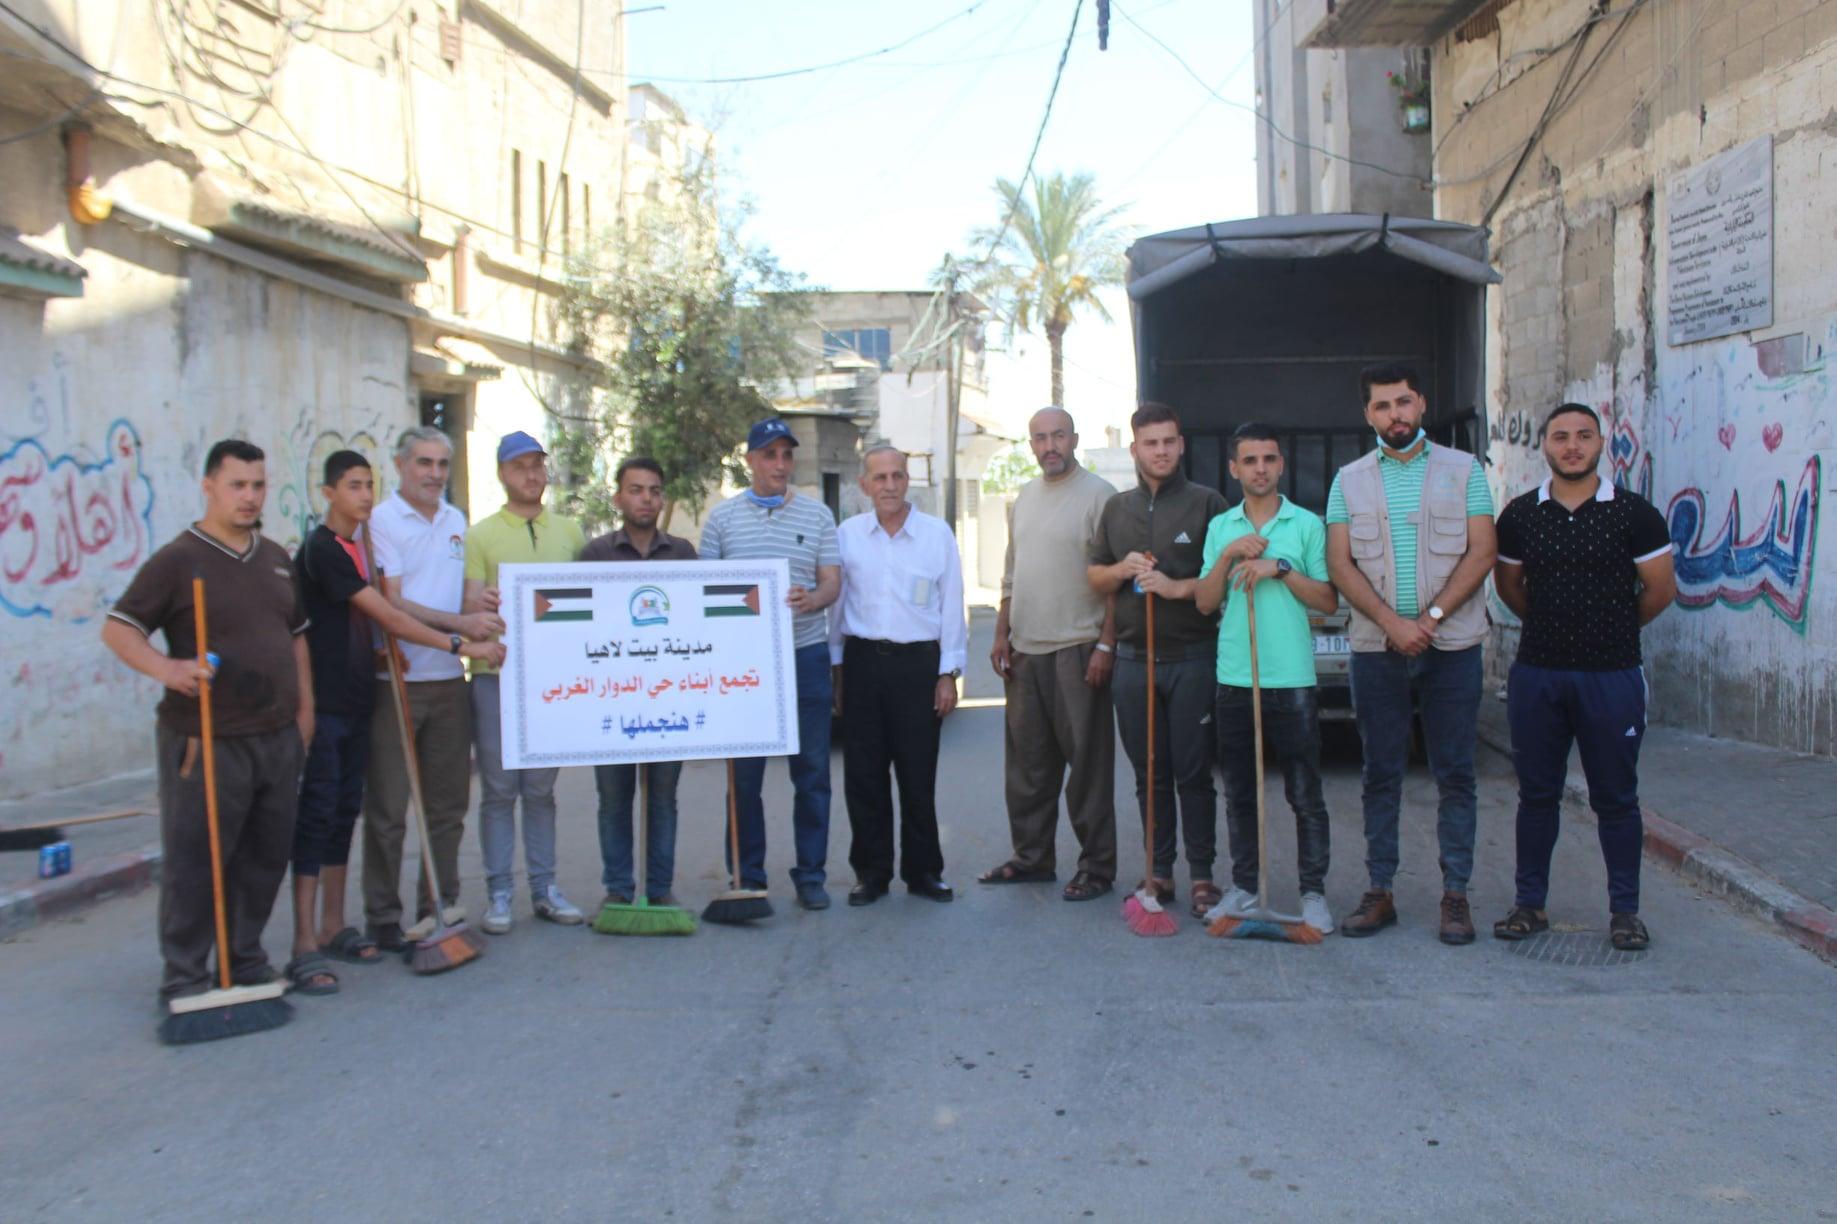 جمعية تطوير بيت لاهيا تشارك في حملة #هنجملها